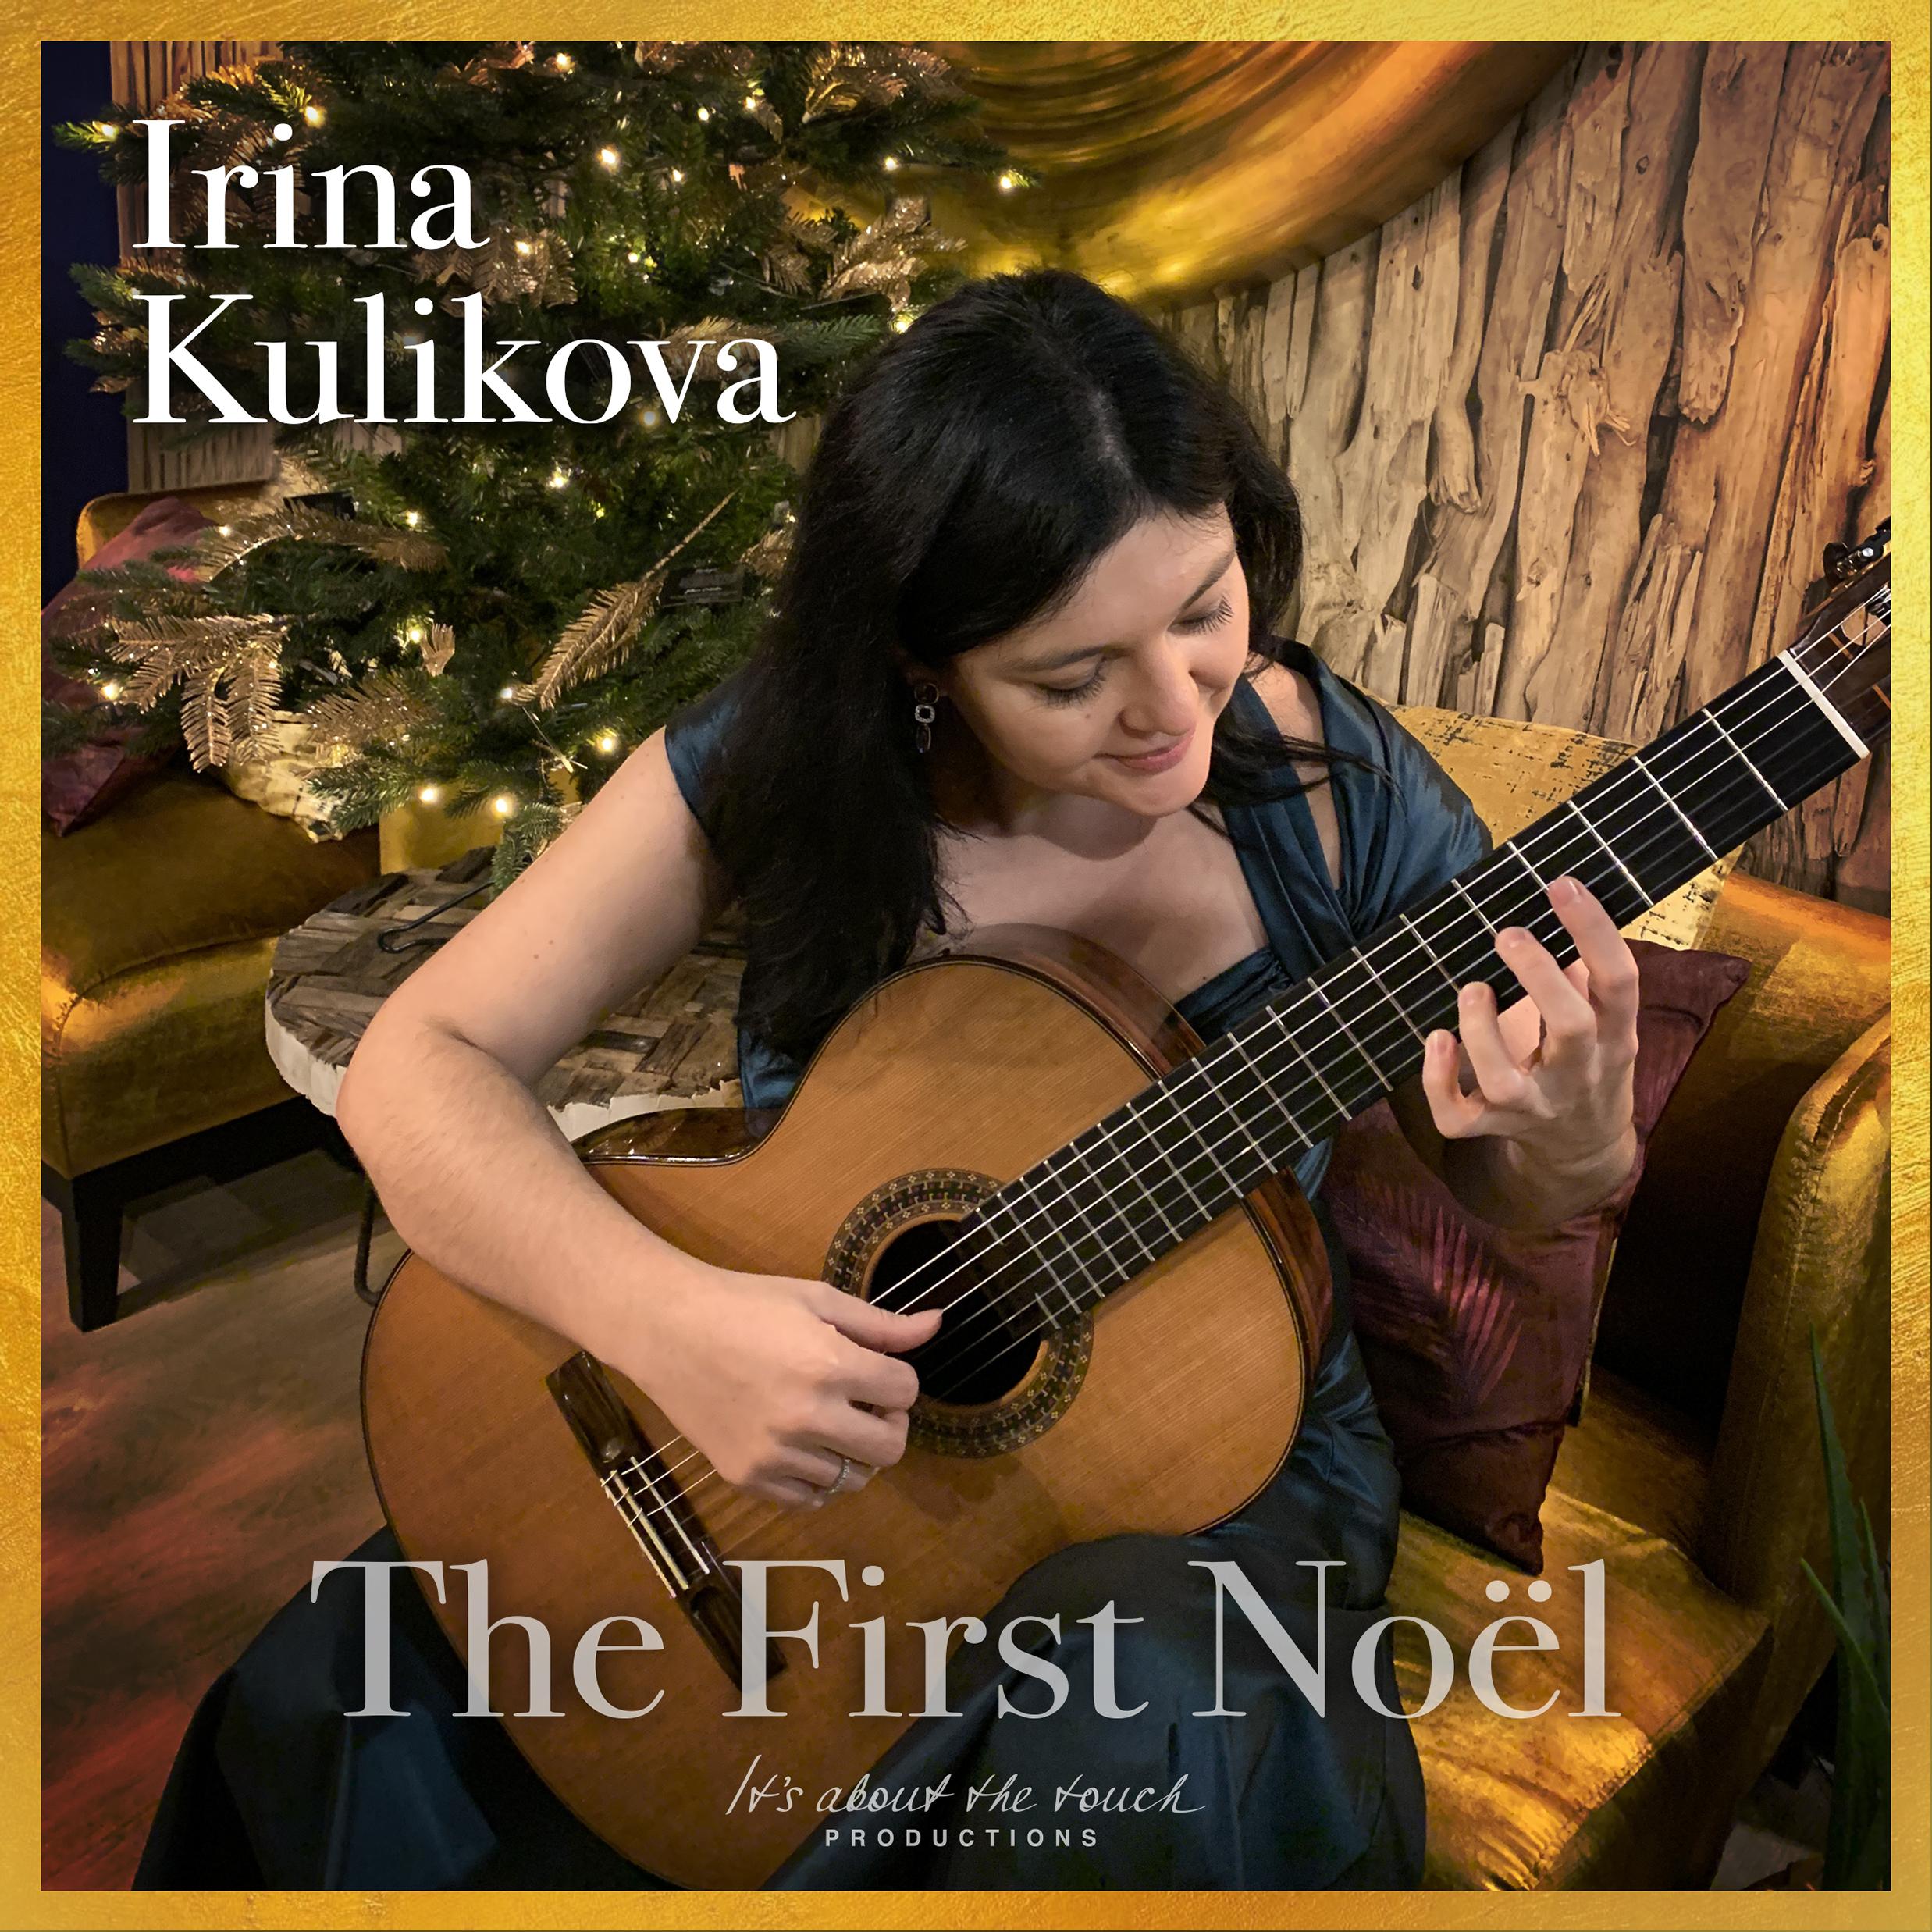 Irina Kulikova First Noël cover